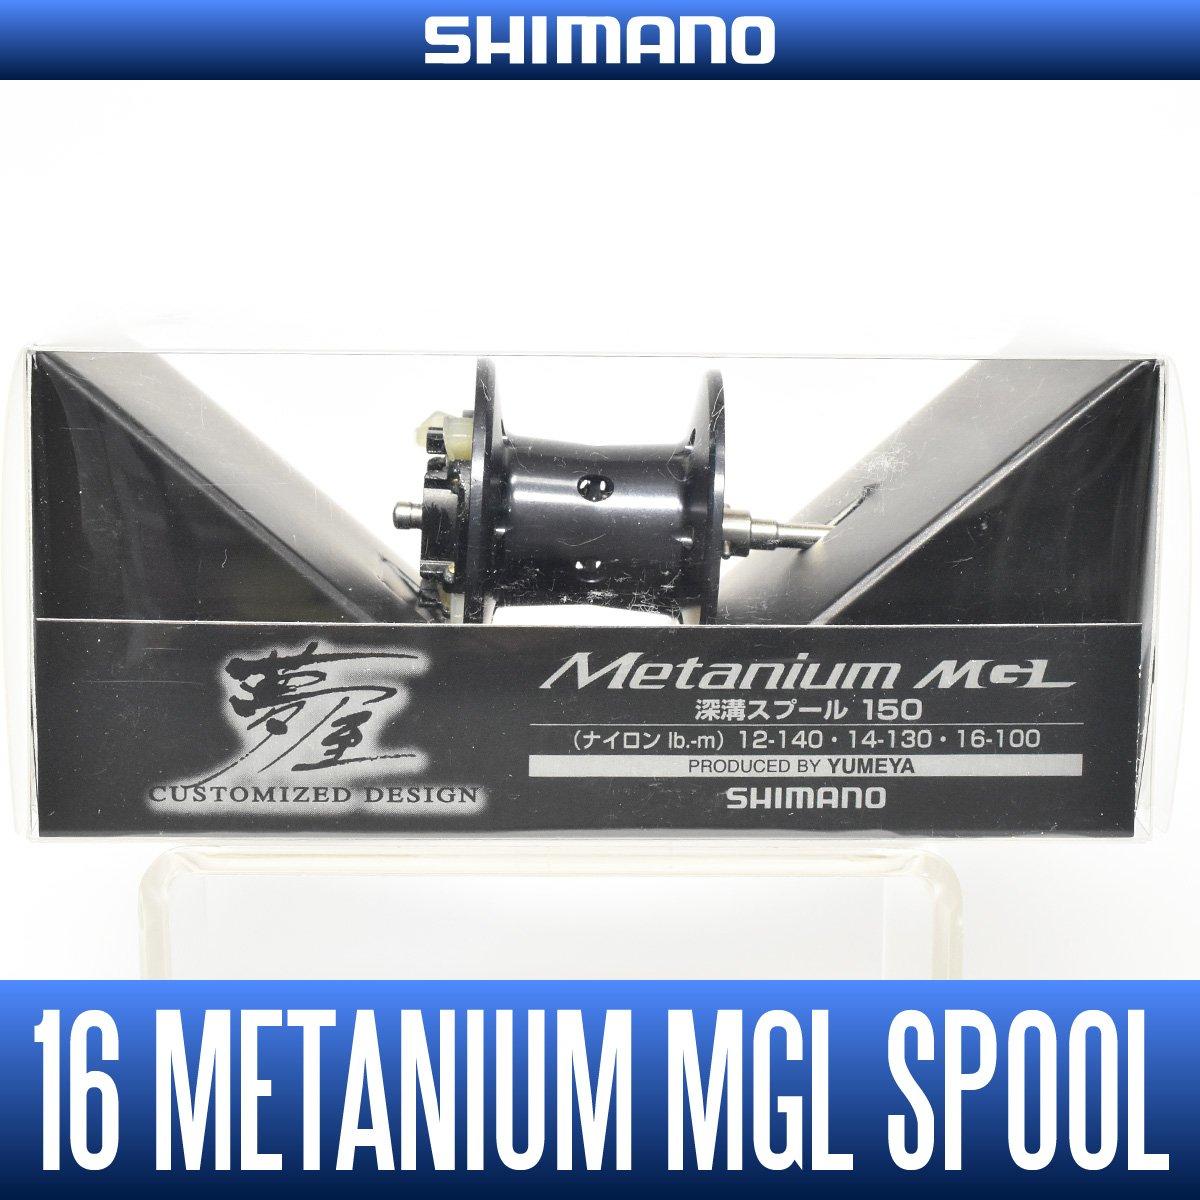 【シマノ純正】 夢屋 16メタニウムMGL用 深溝スプール   B01I1GENYS